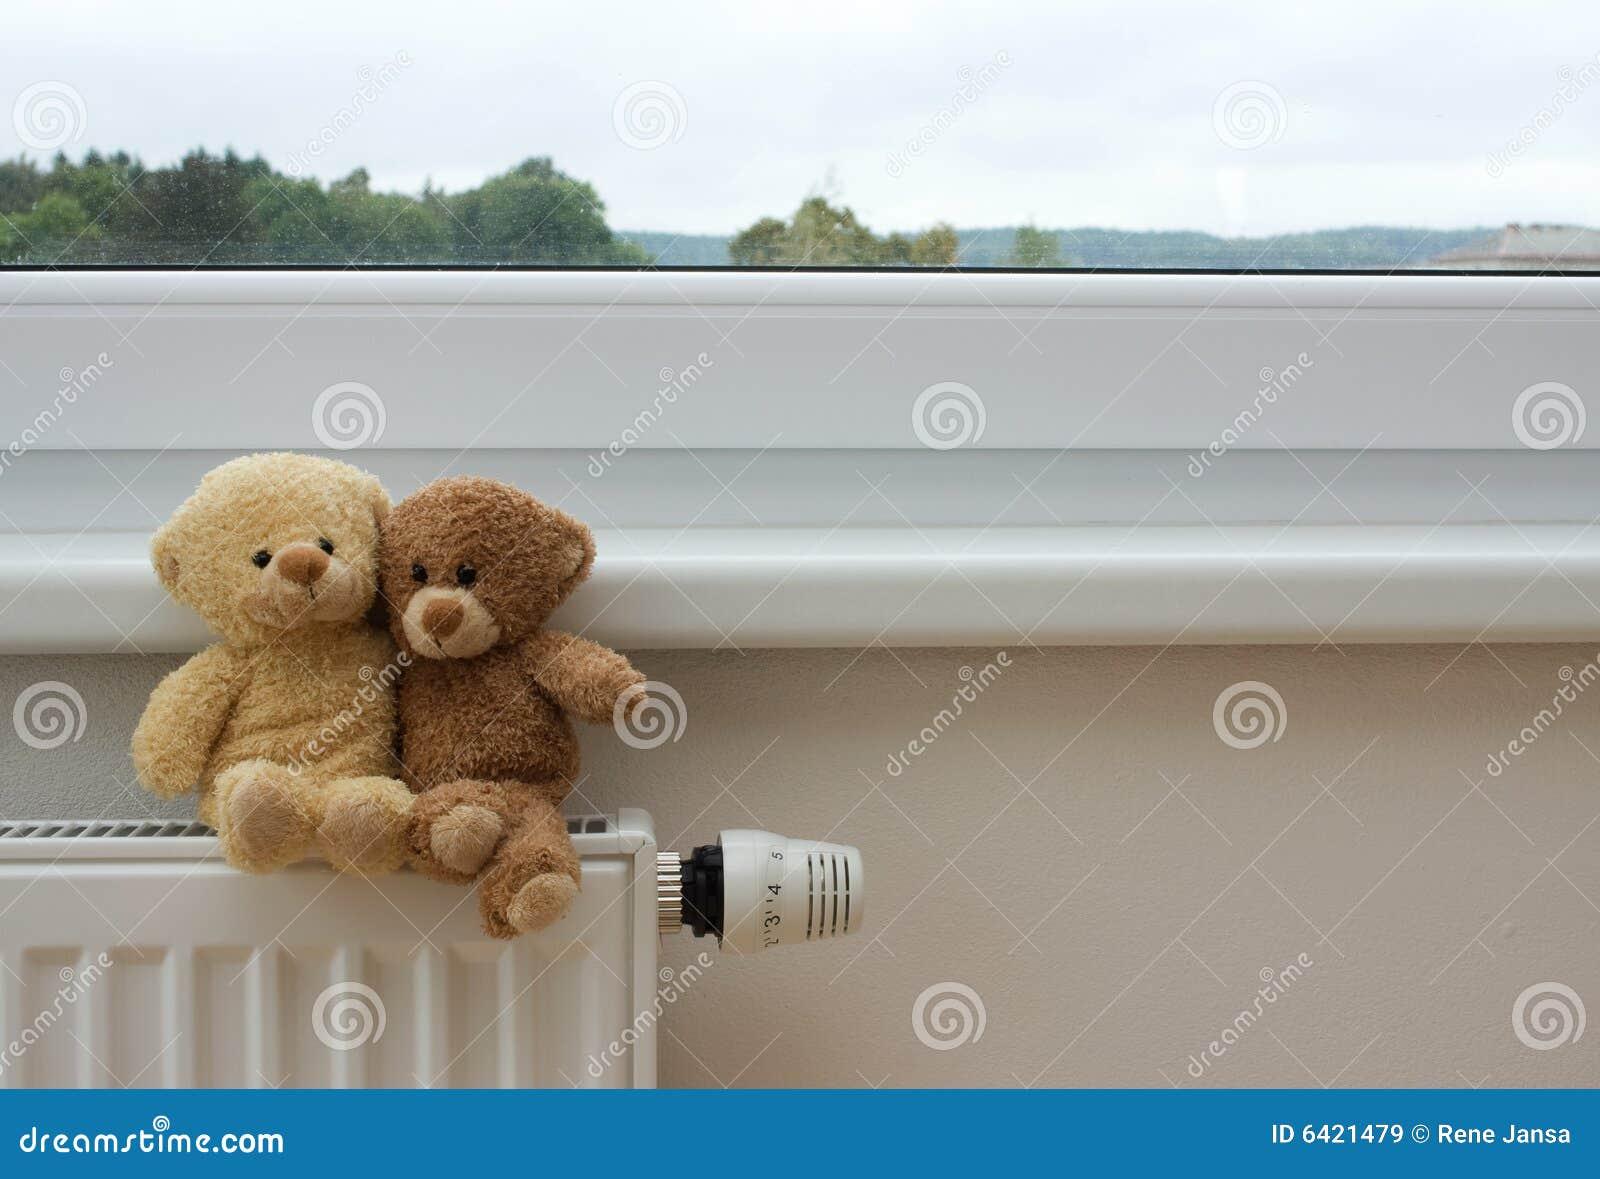 Teddy bears on the heater